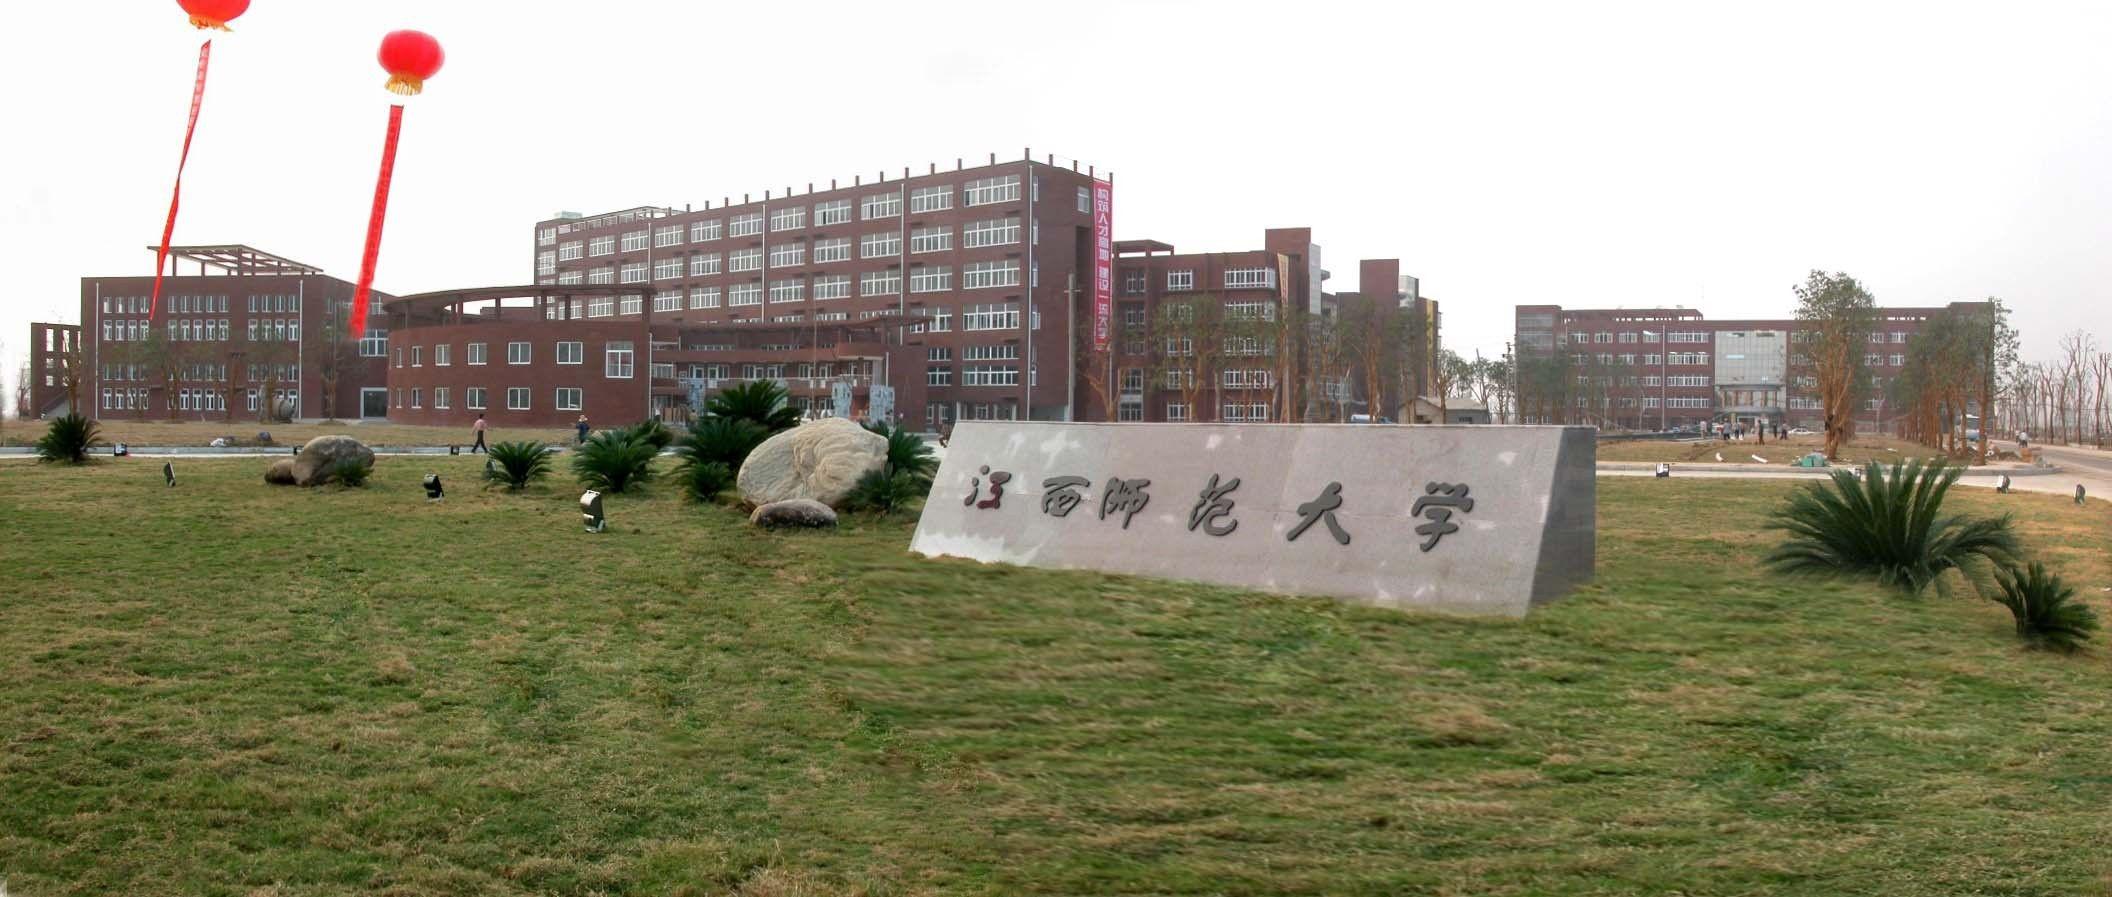 音乐学院教学大楼